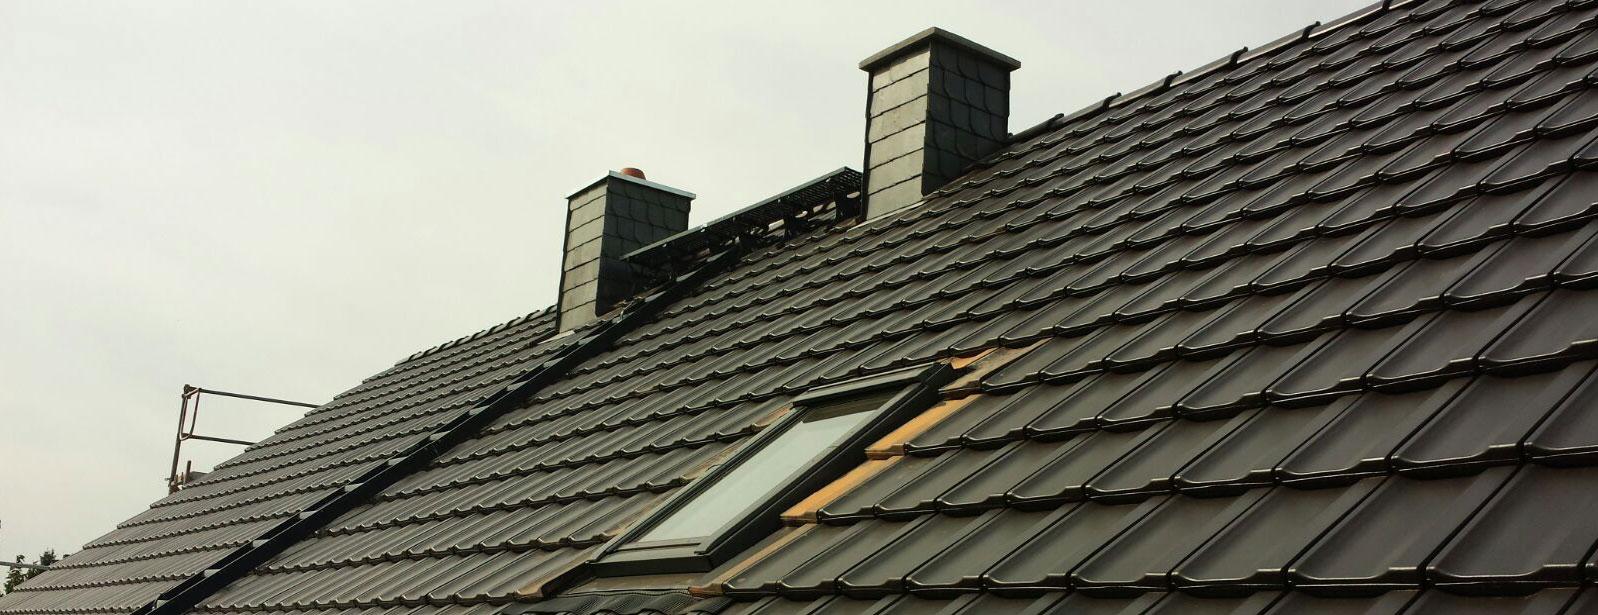 Dacheindeckungen, Dachstuhlbau...